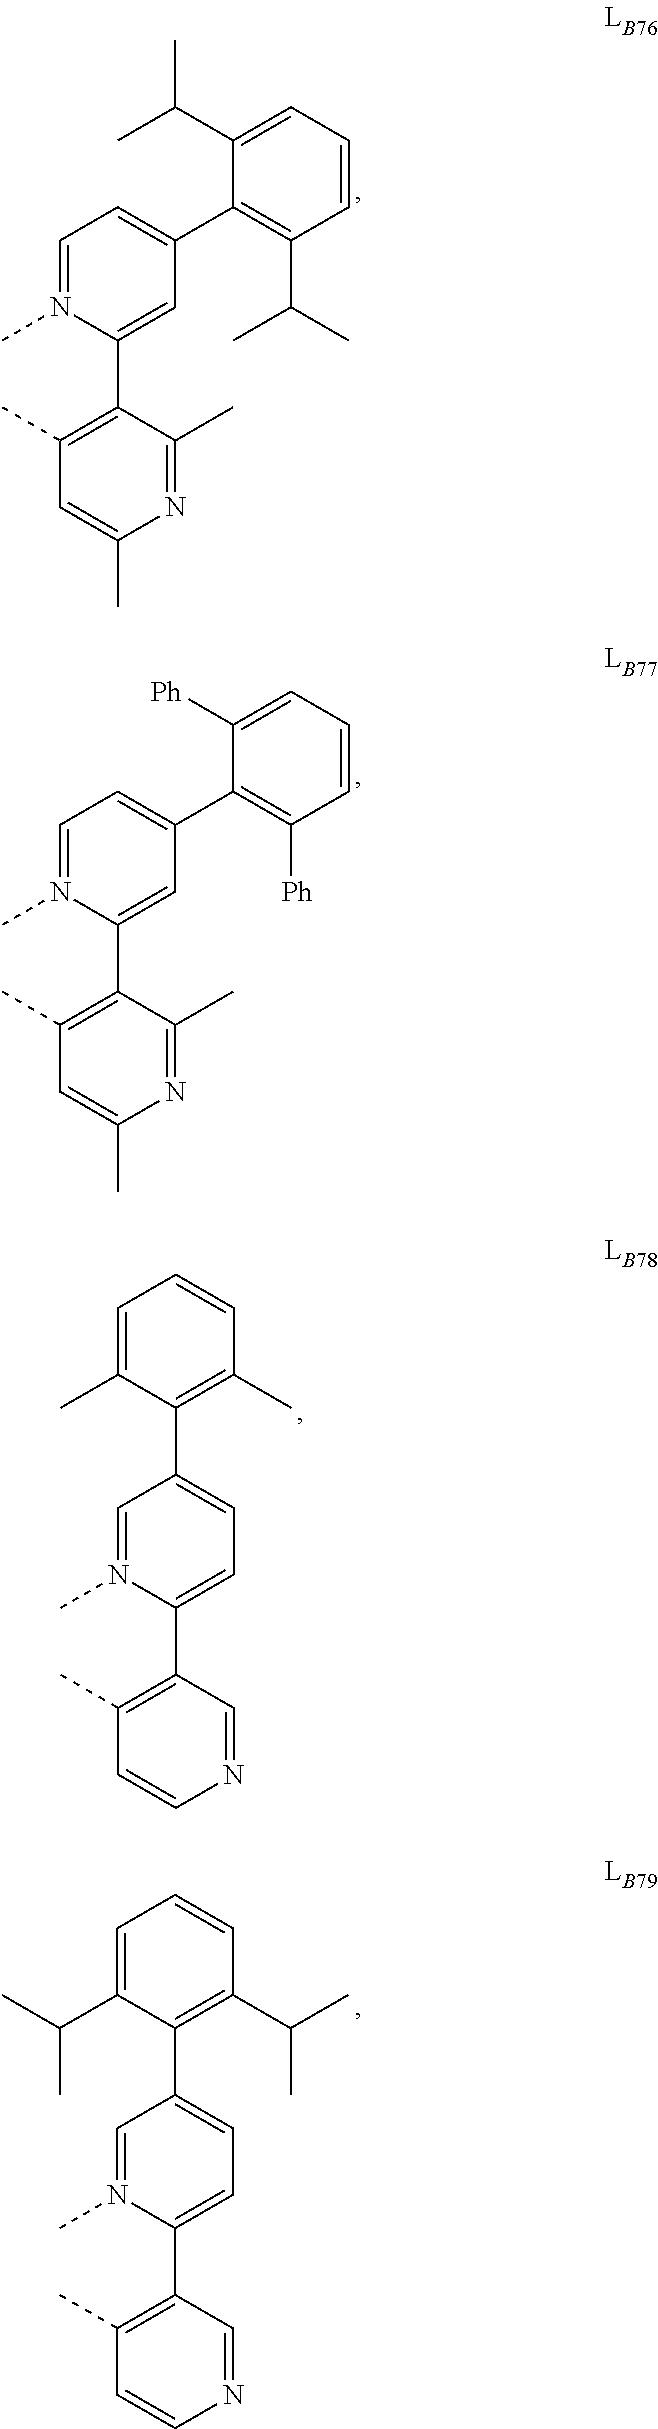 Figure US09905785-20180227-C00514